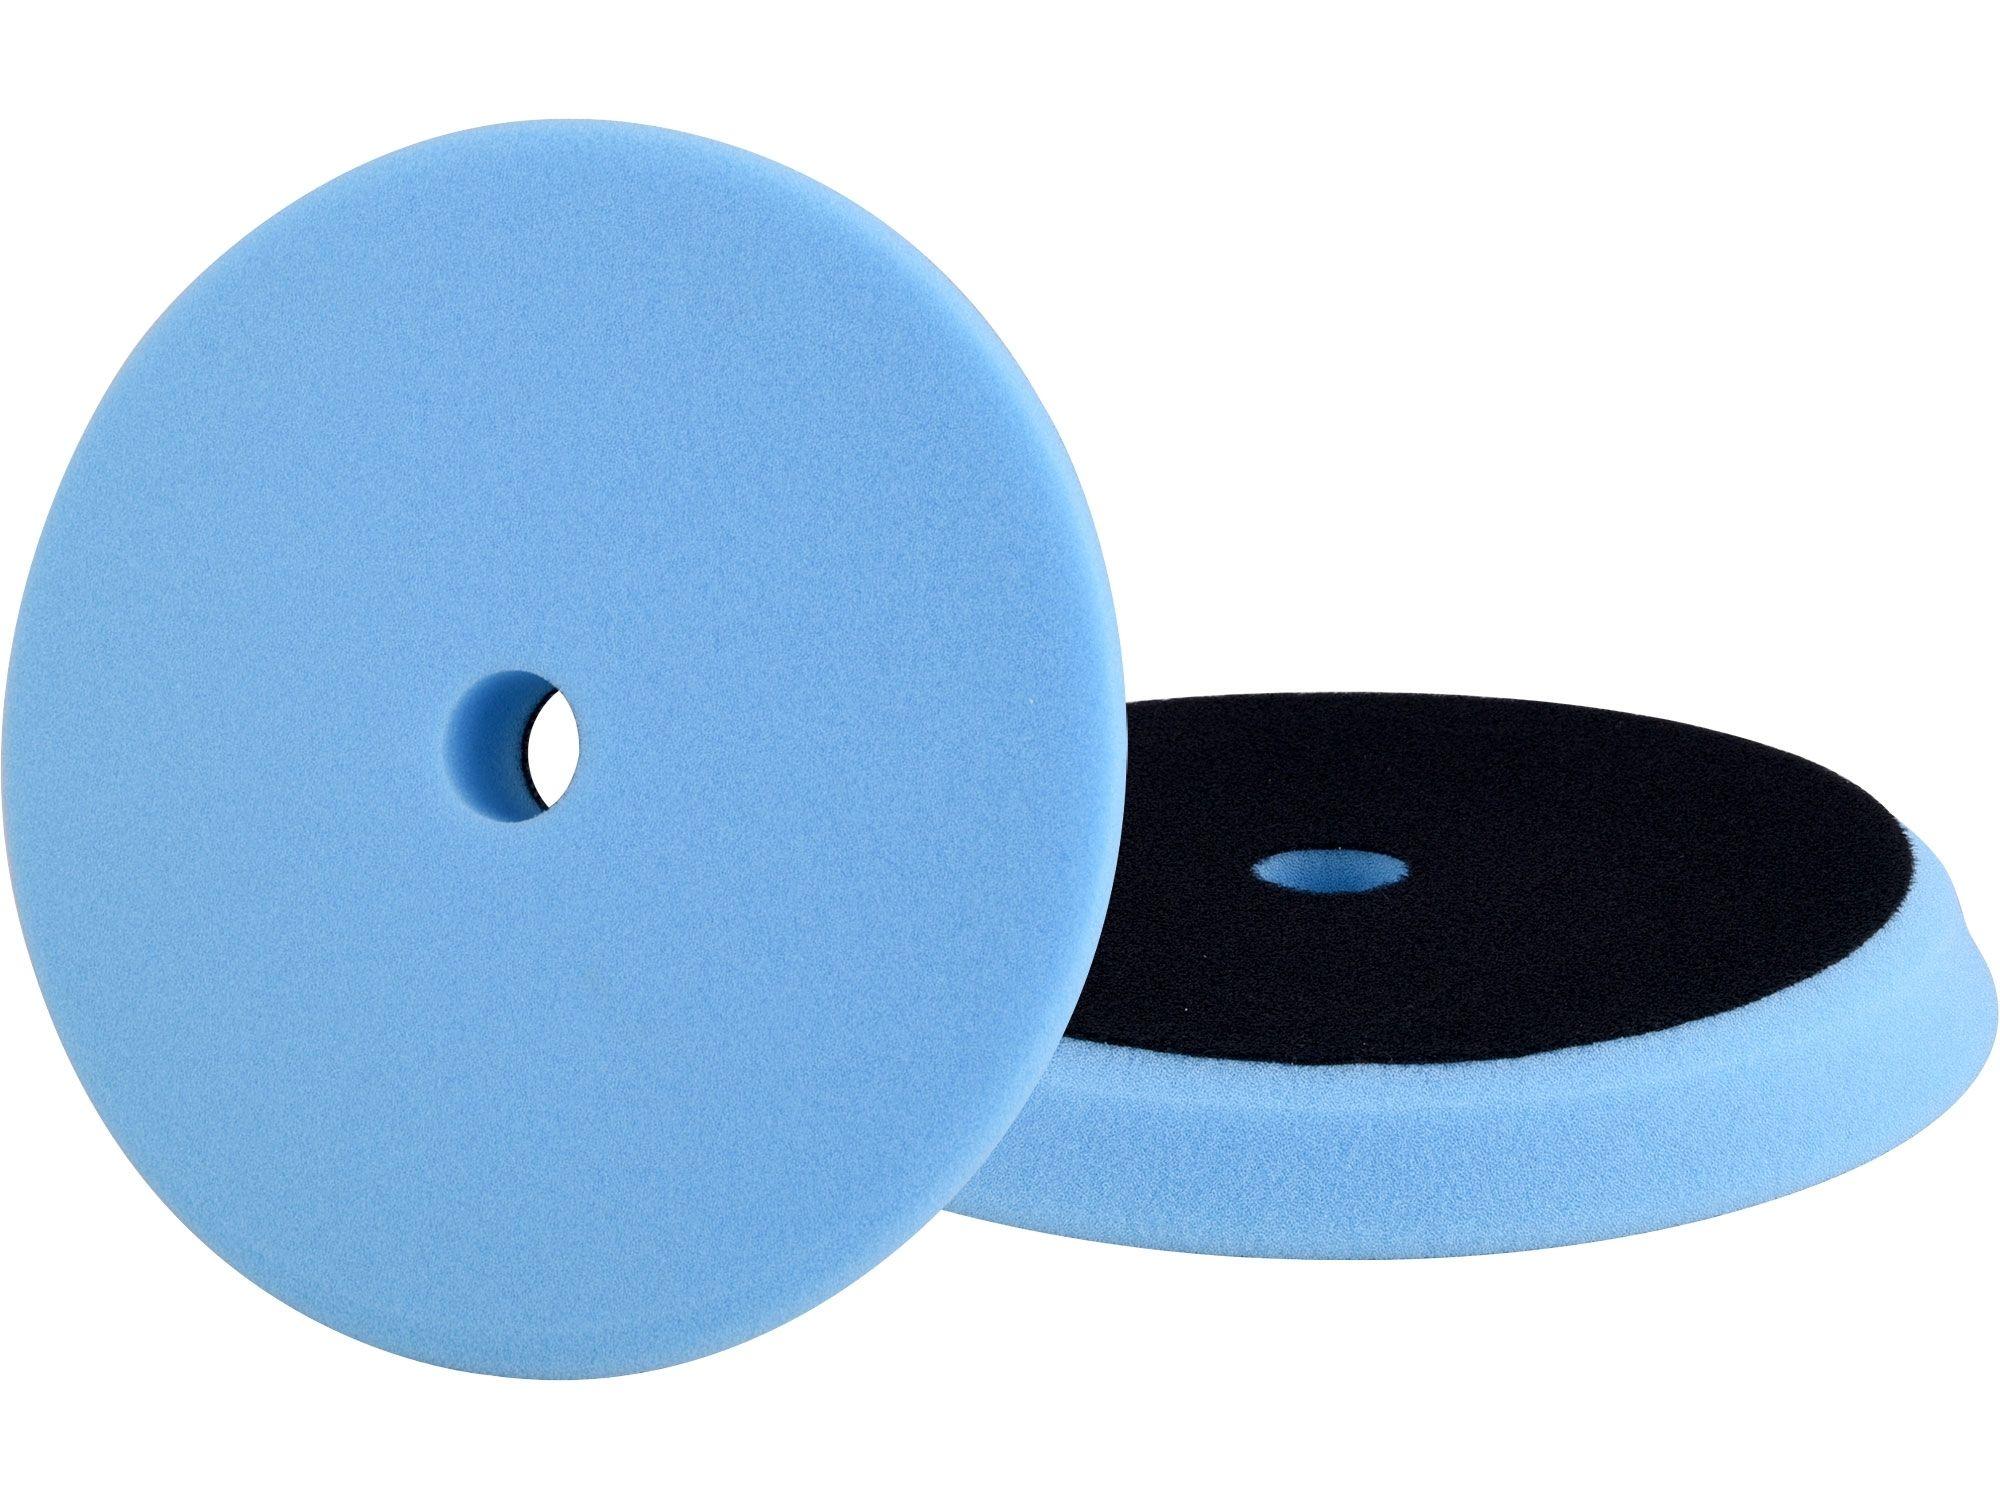 Kotouč leštící pěnový, orbitální, T60, modrý, ?180x25mm, suchý zip ?152mm EXTOL-PREMIUM